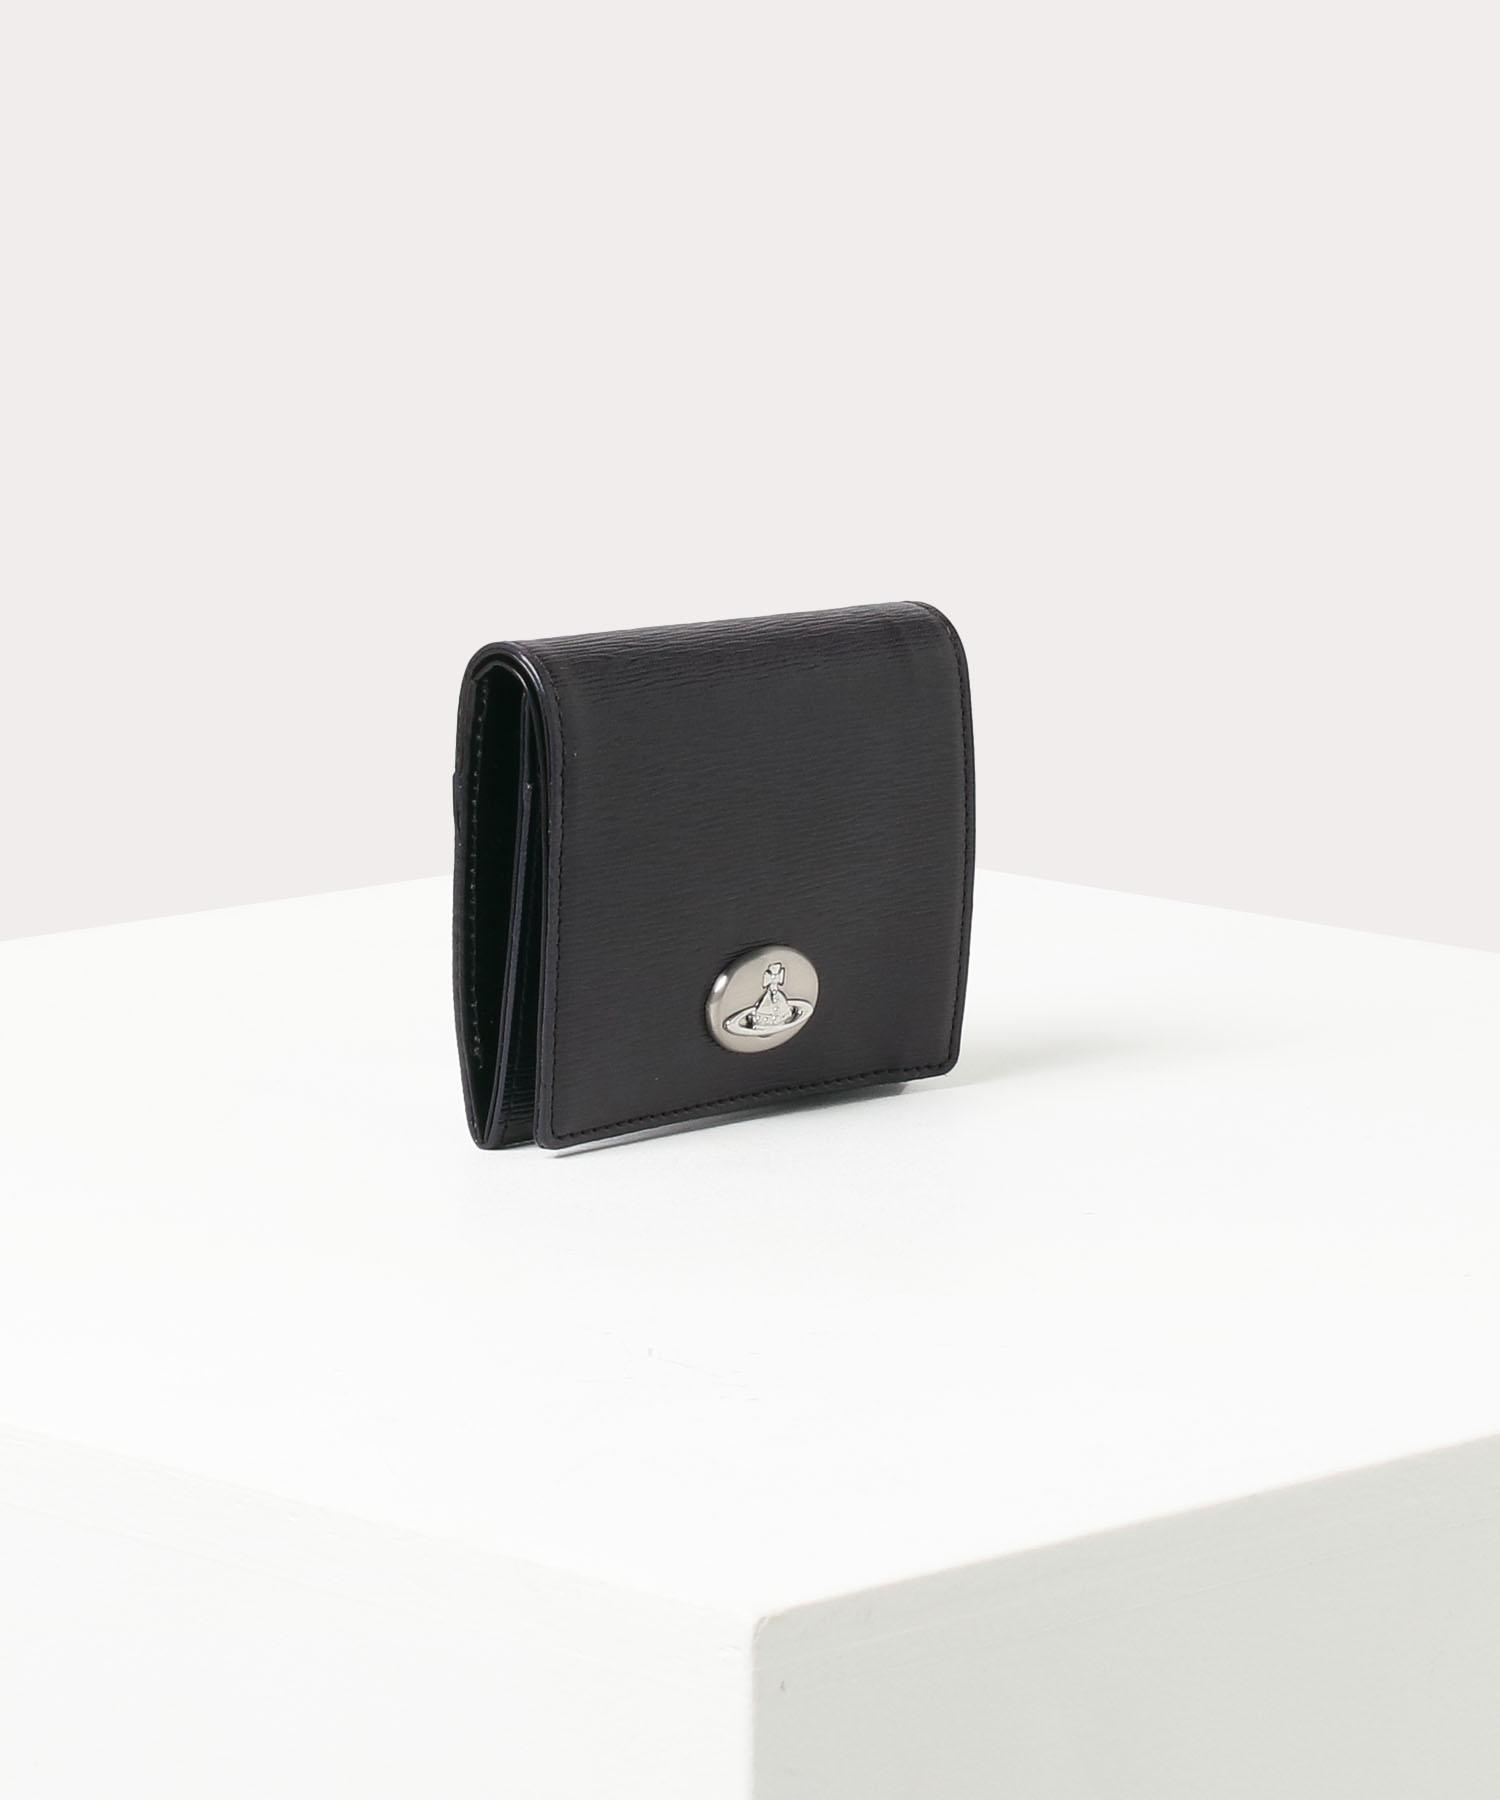 NEW ADVAN 二つ折り財布